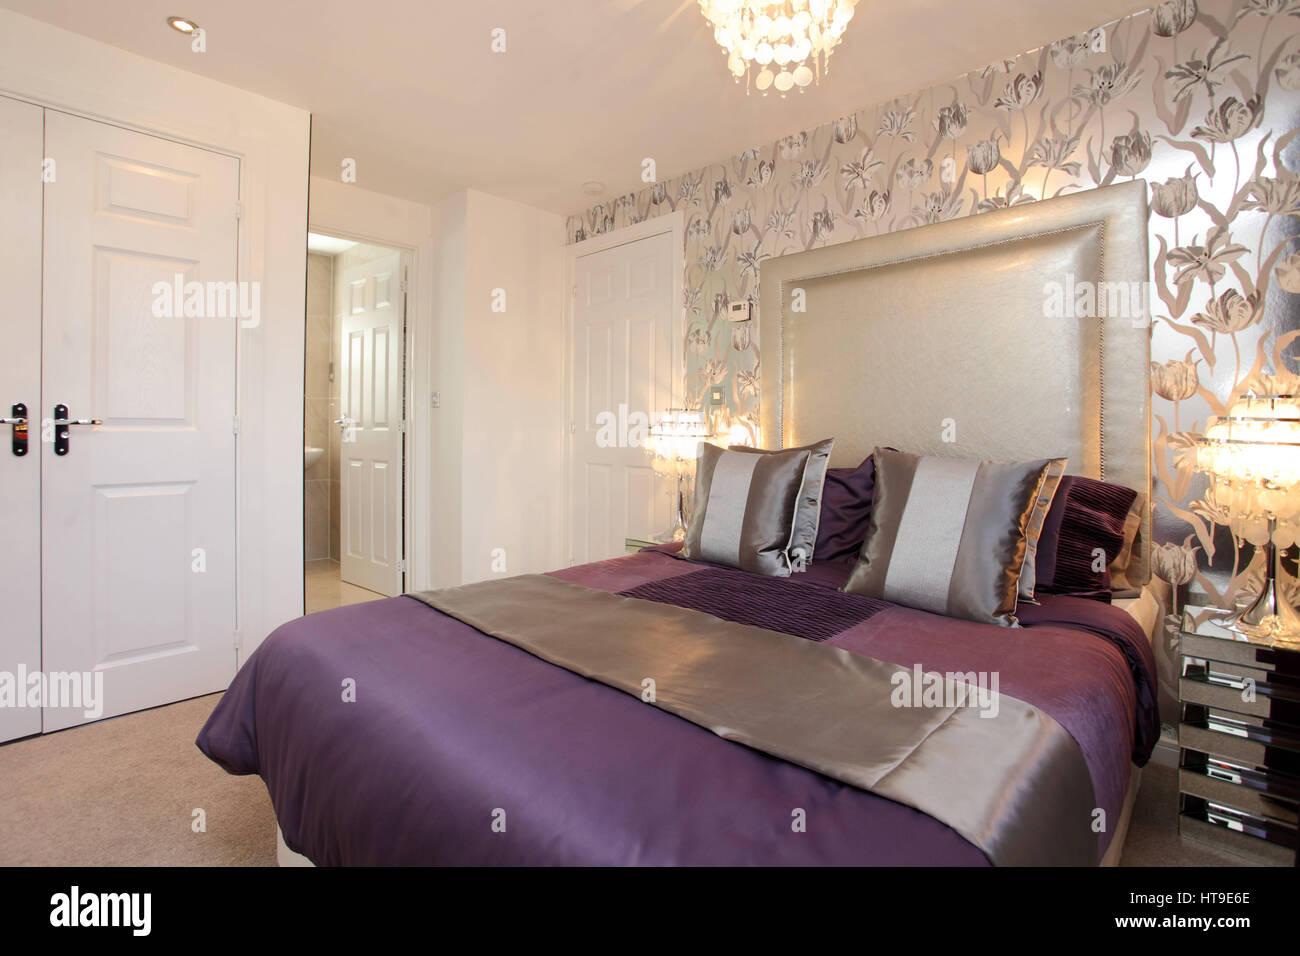 Home intérieur, une chambre décorée dans des tons mauves et argent ...